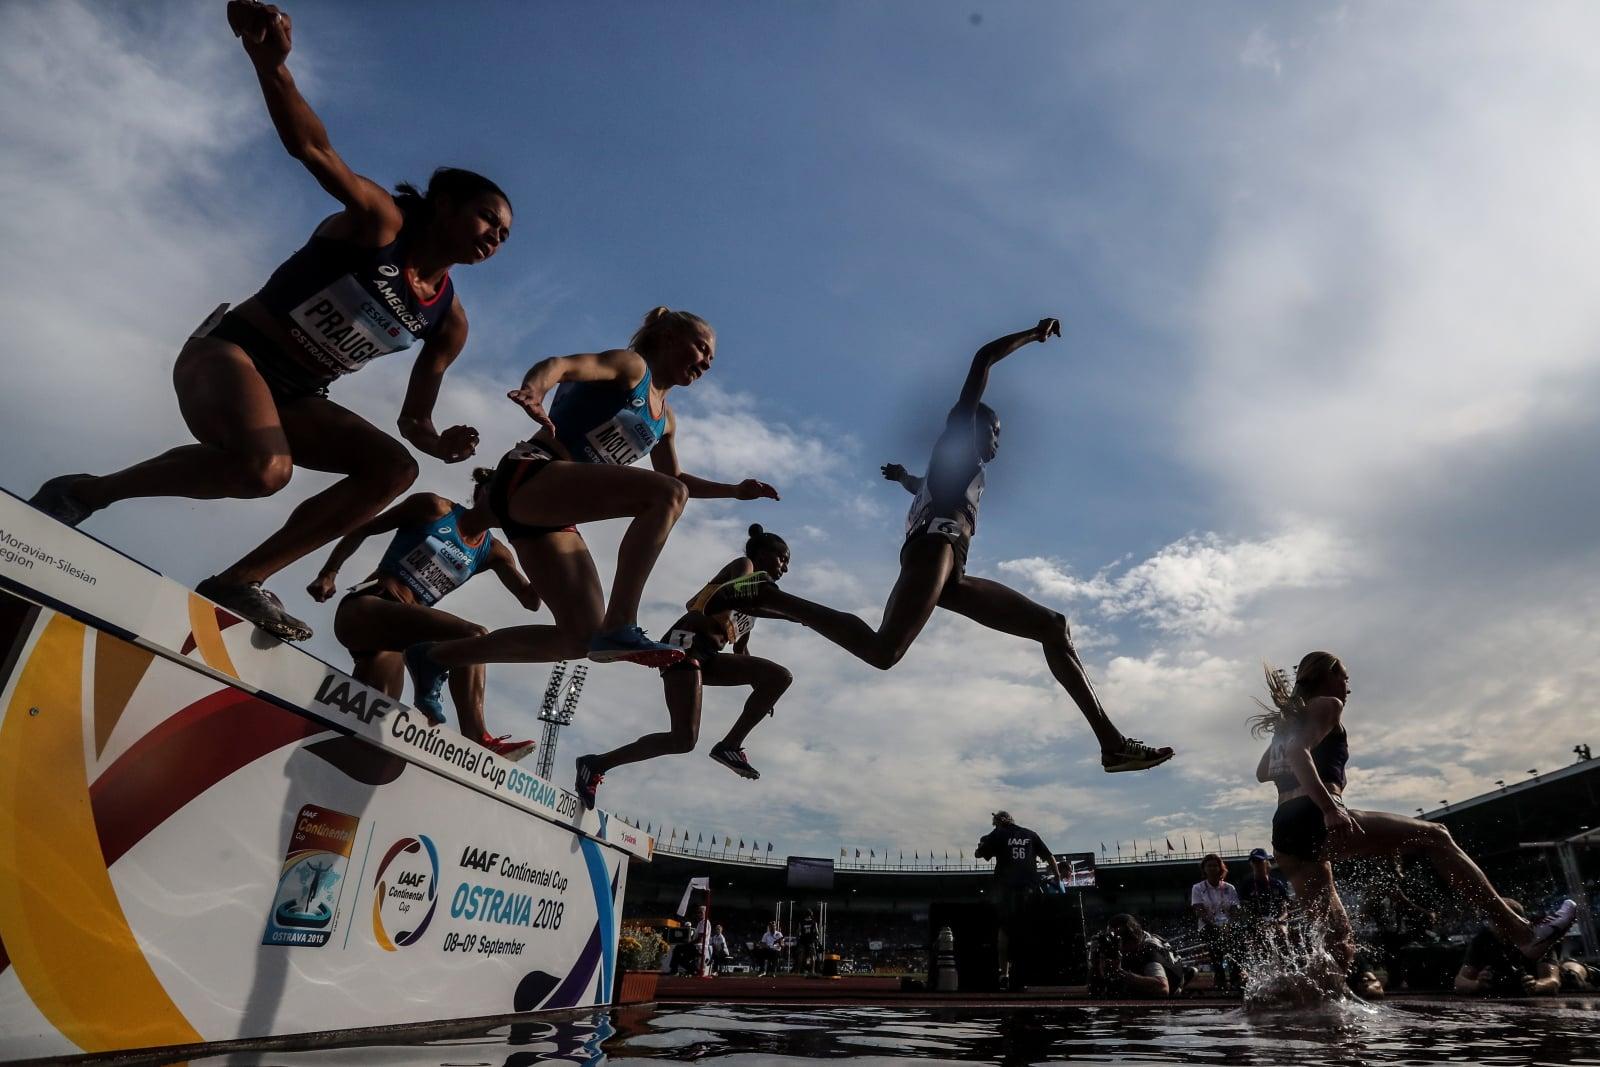 Dzisiejsze mistrzowska kobiet w biegu na 3000 metrów w Czechach